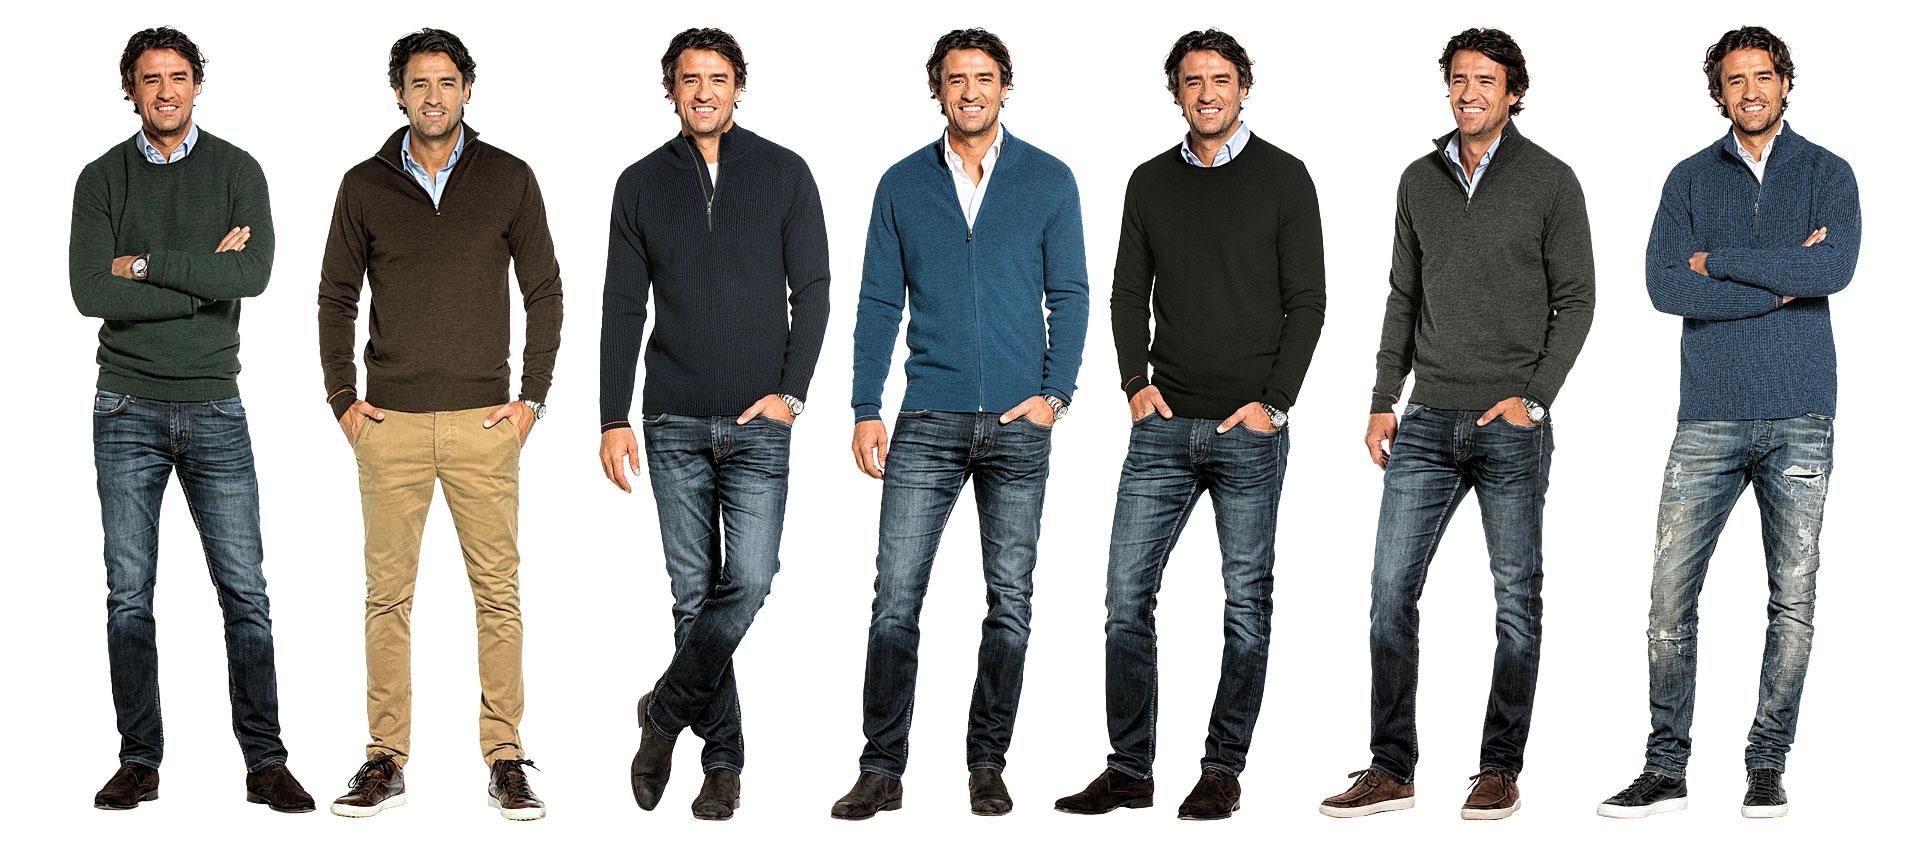 Warme Winterpullover aus 100% Merinowolle finden Sie bei Joe Merino, dem Online Shop für hochwertige Herrenpullover.